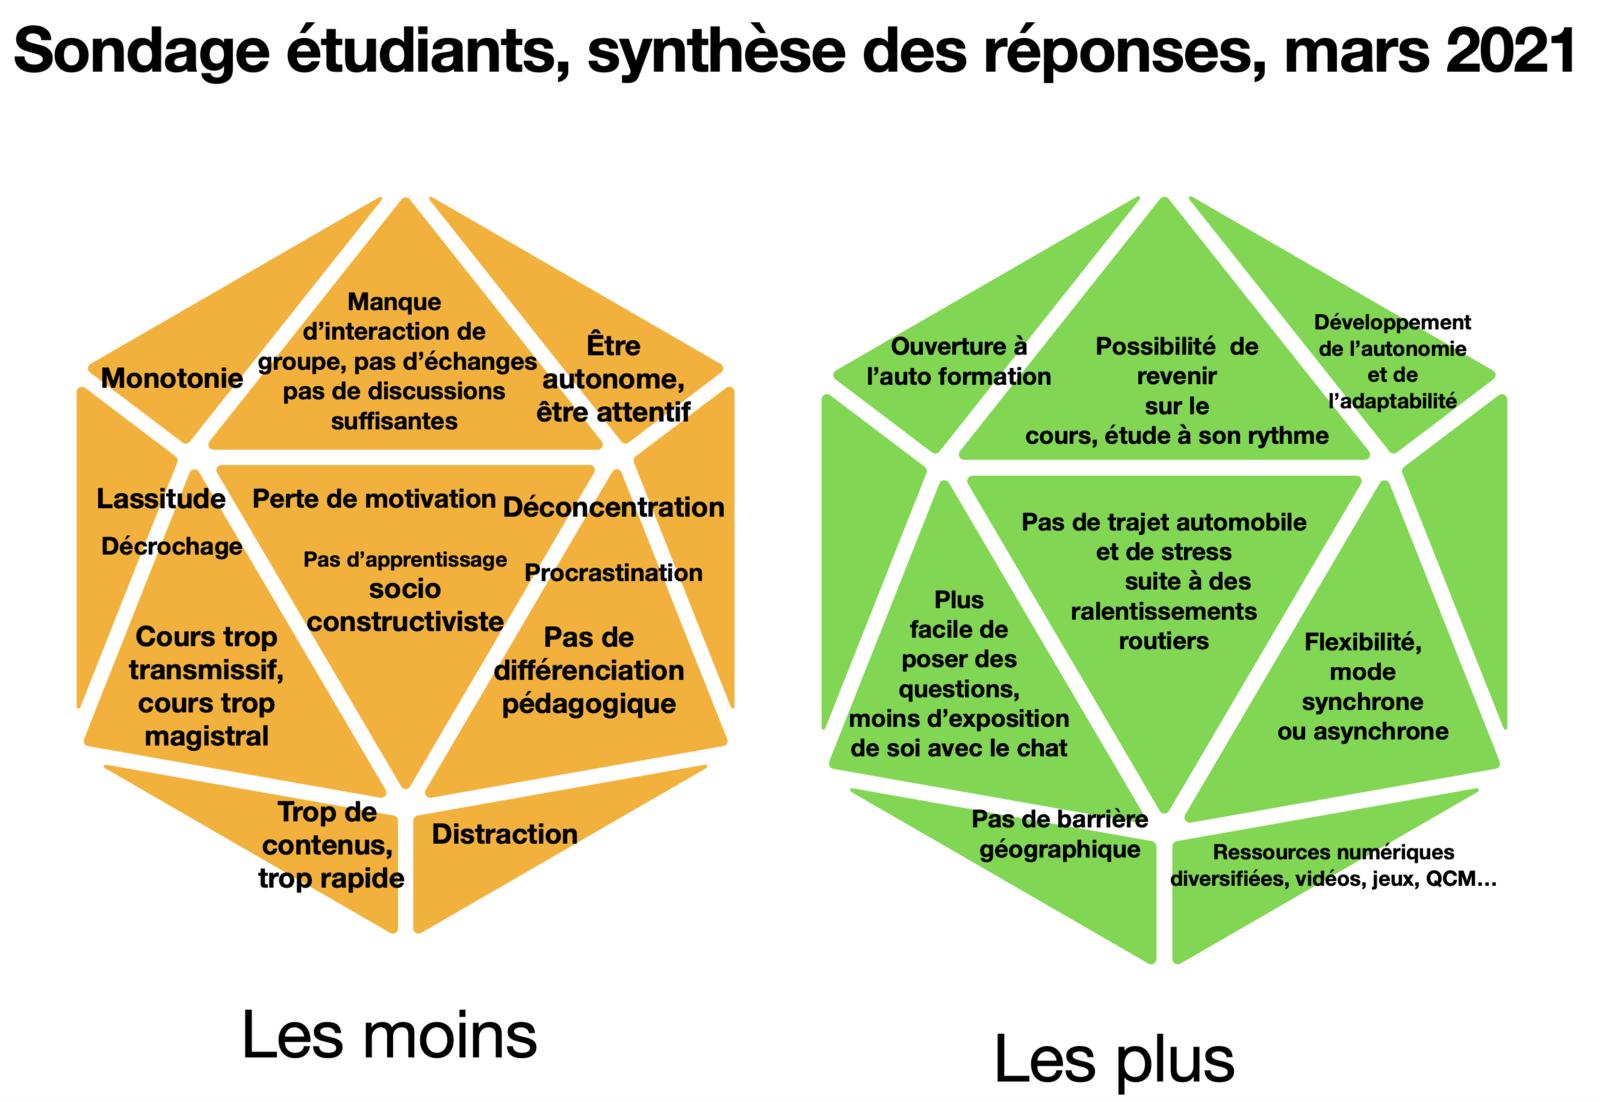 Colloque international en éducation, Montréal 2021 : Retour d'expérience sur le cours à distance